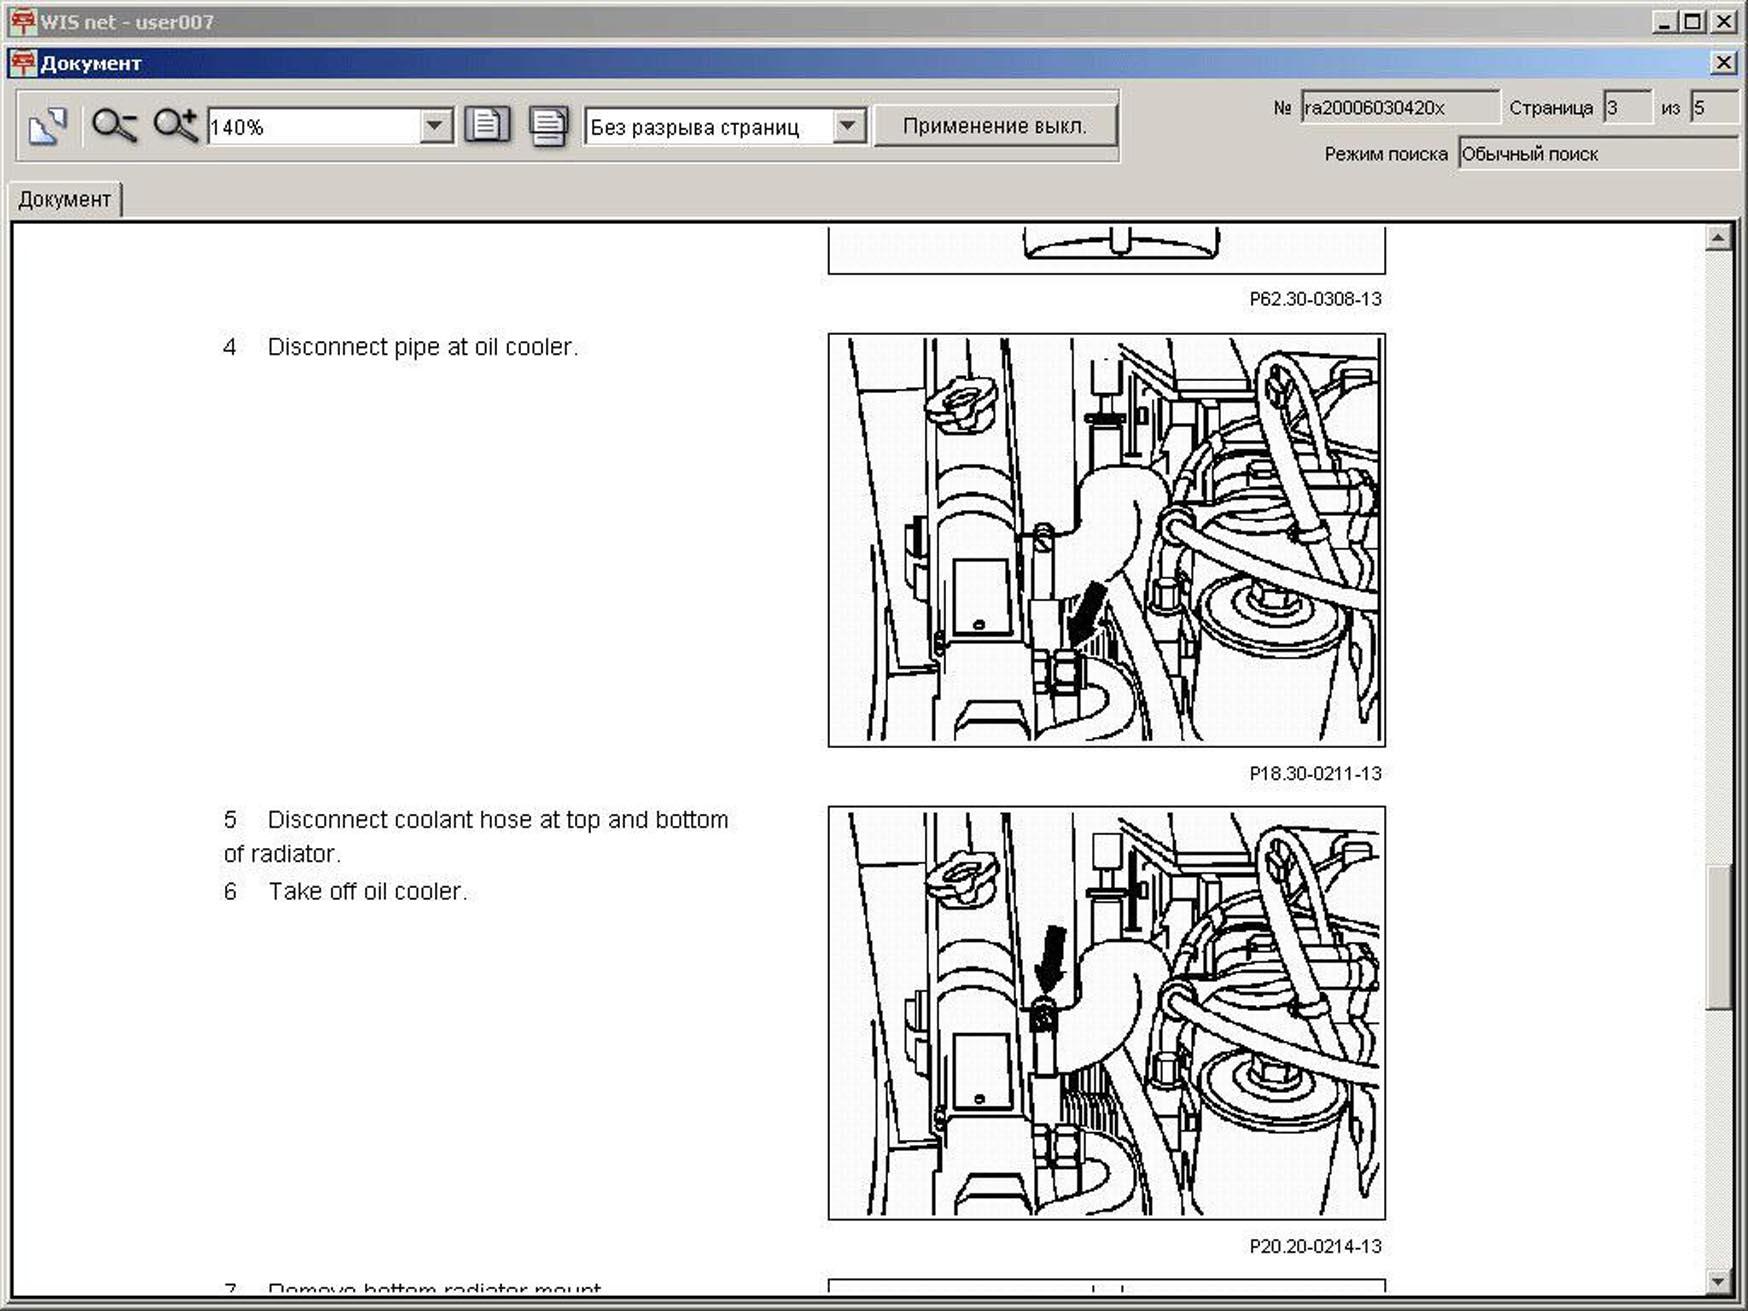 Mercedes workshop information system